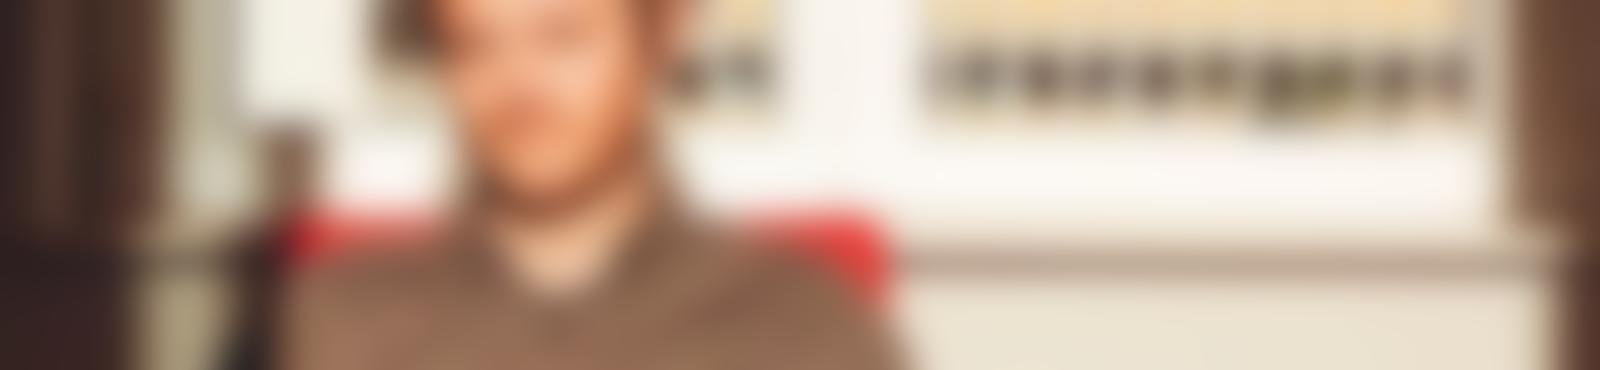 Blurred c4c1a27b 504e 45fe 9066 f65fbe68c8ee